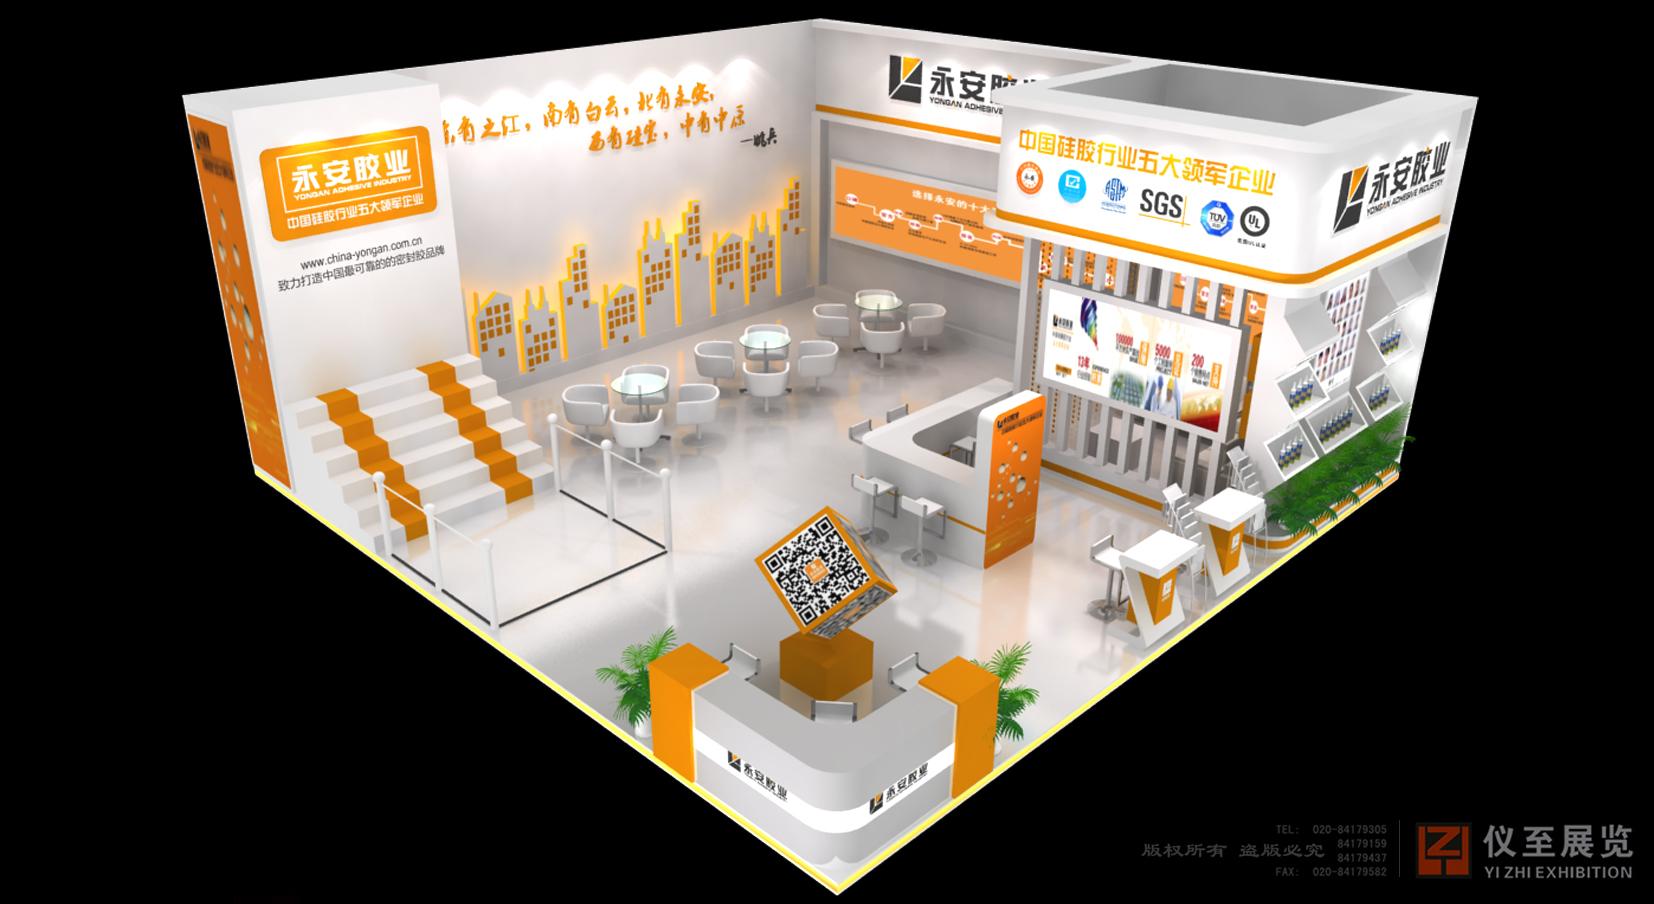 永安胶业--幕墙展展览设计